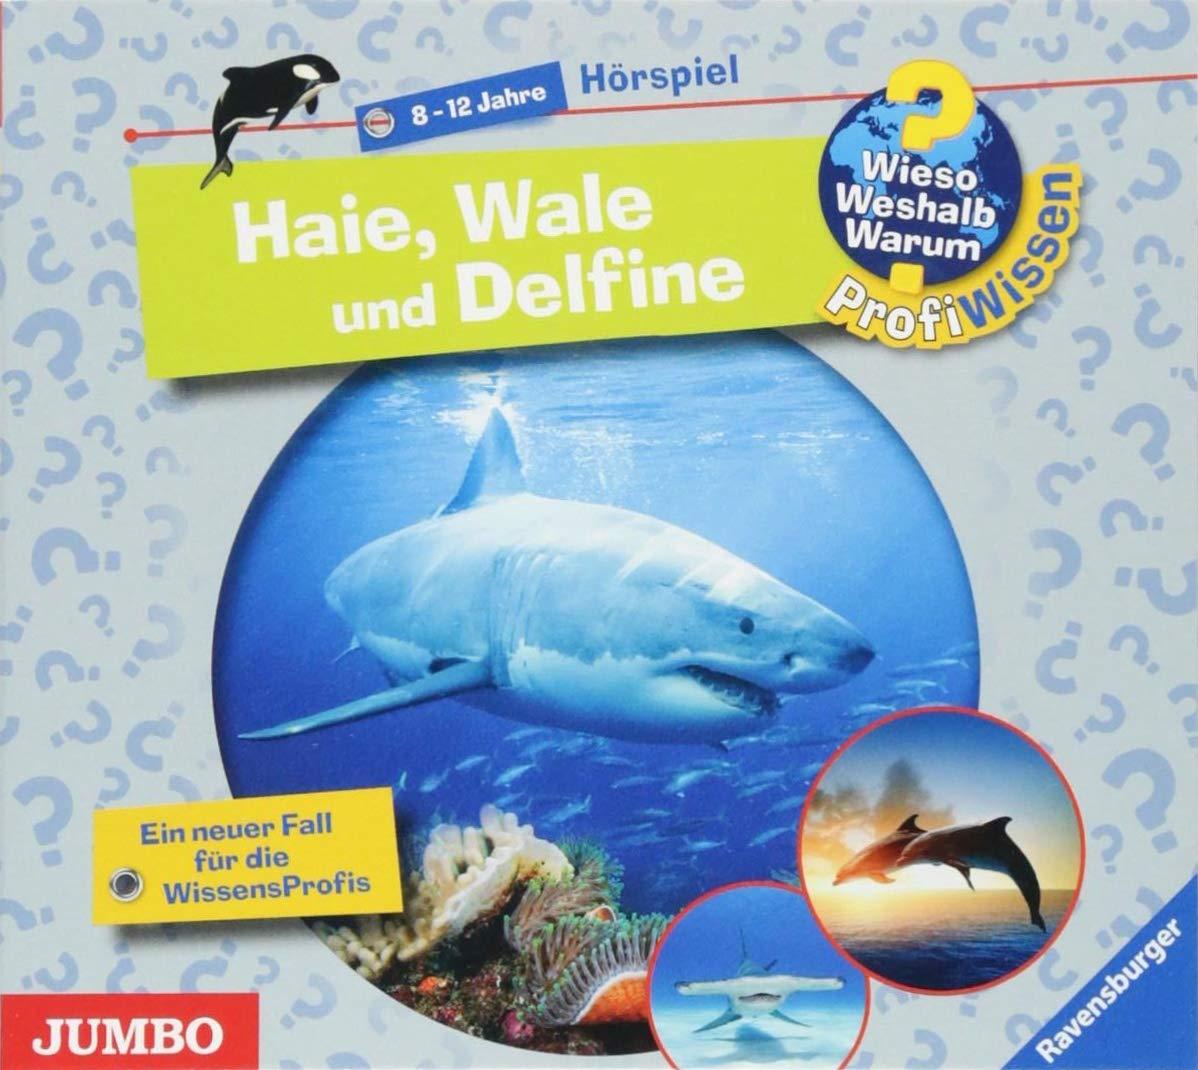 Wieso  Weshalb  Warum  ProfiWissen. Haie Wale Und Delfine